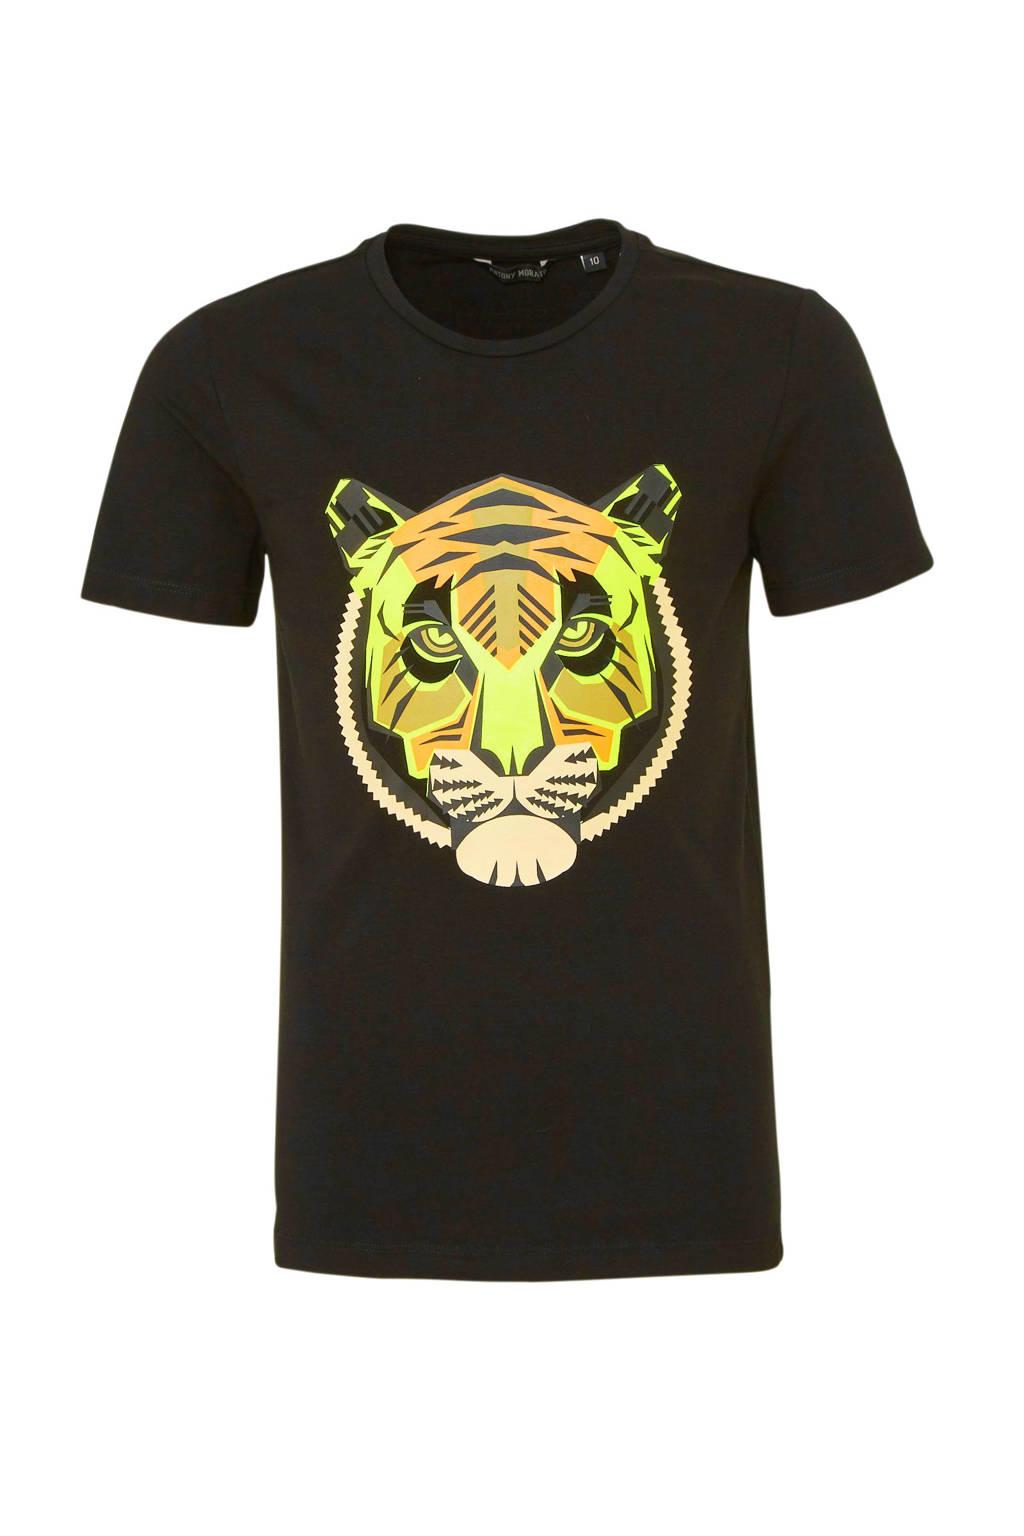 Antony Morato T-shirt met printopdruk zwart/geel/oranje, Zwart/geel/oranje